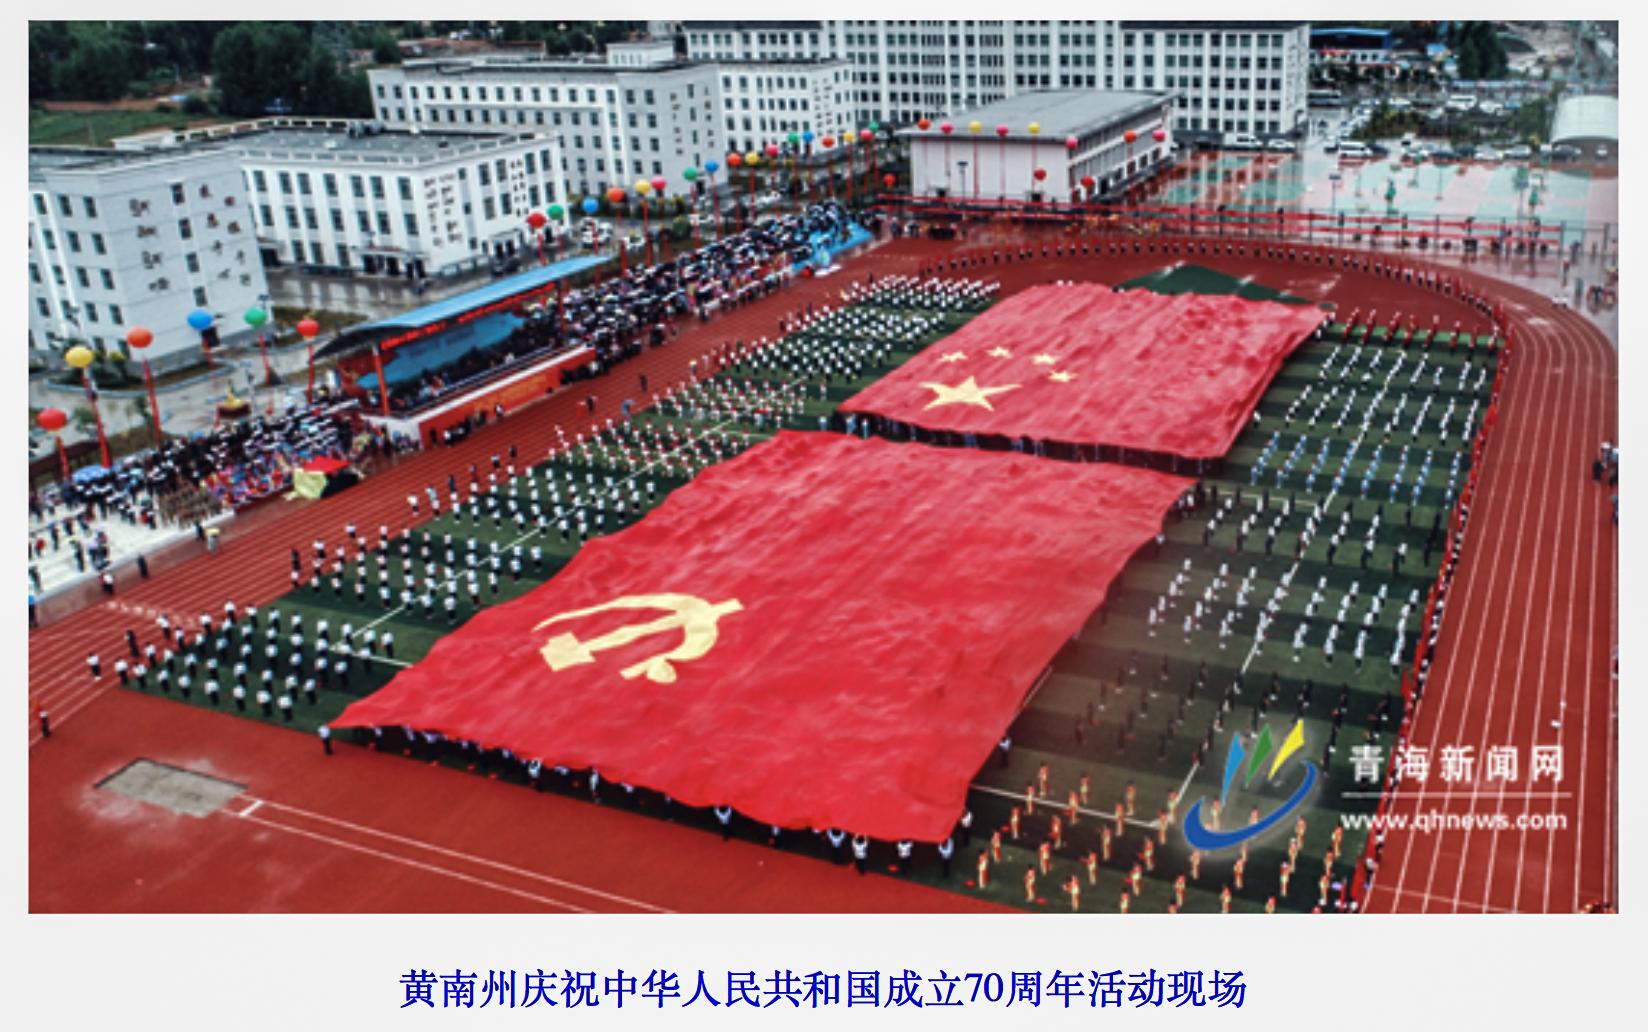 在青海黄南州于今年6月18日举行的中共国庆活动时(网页截图)